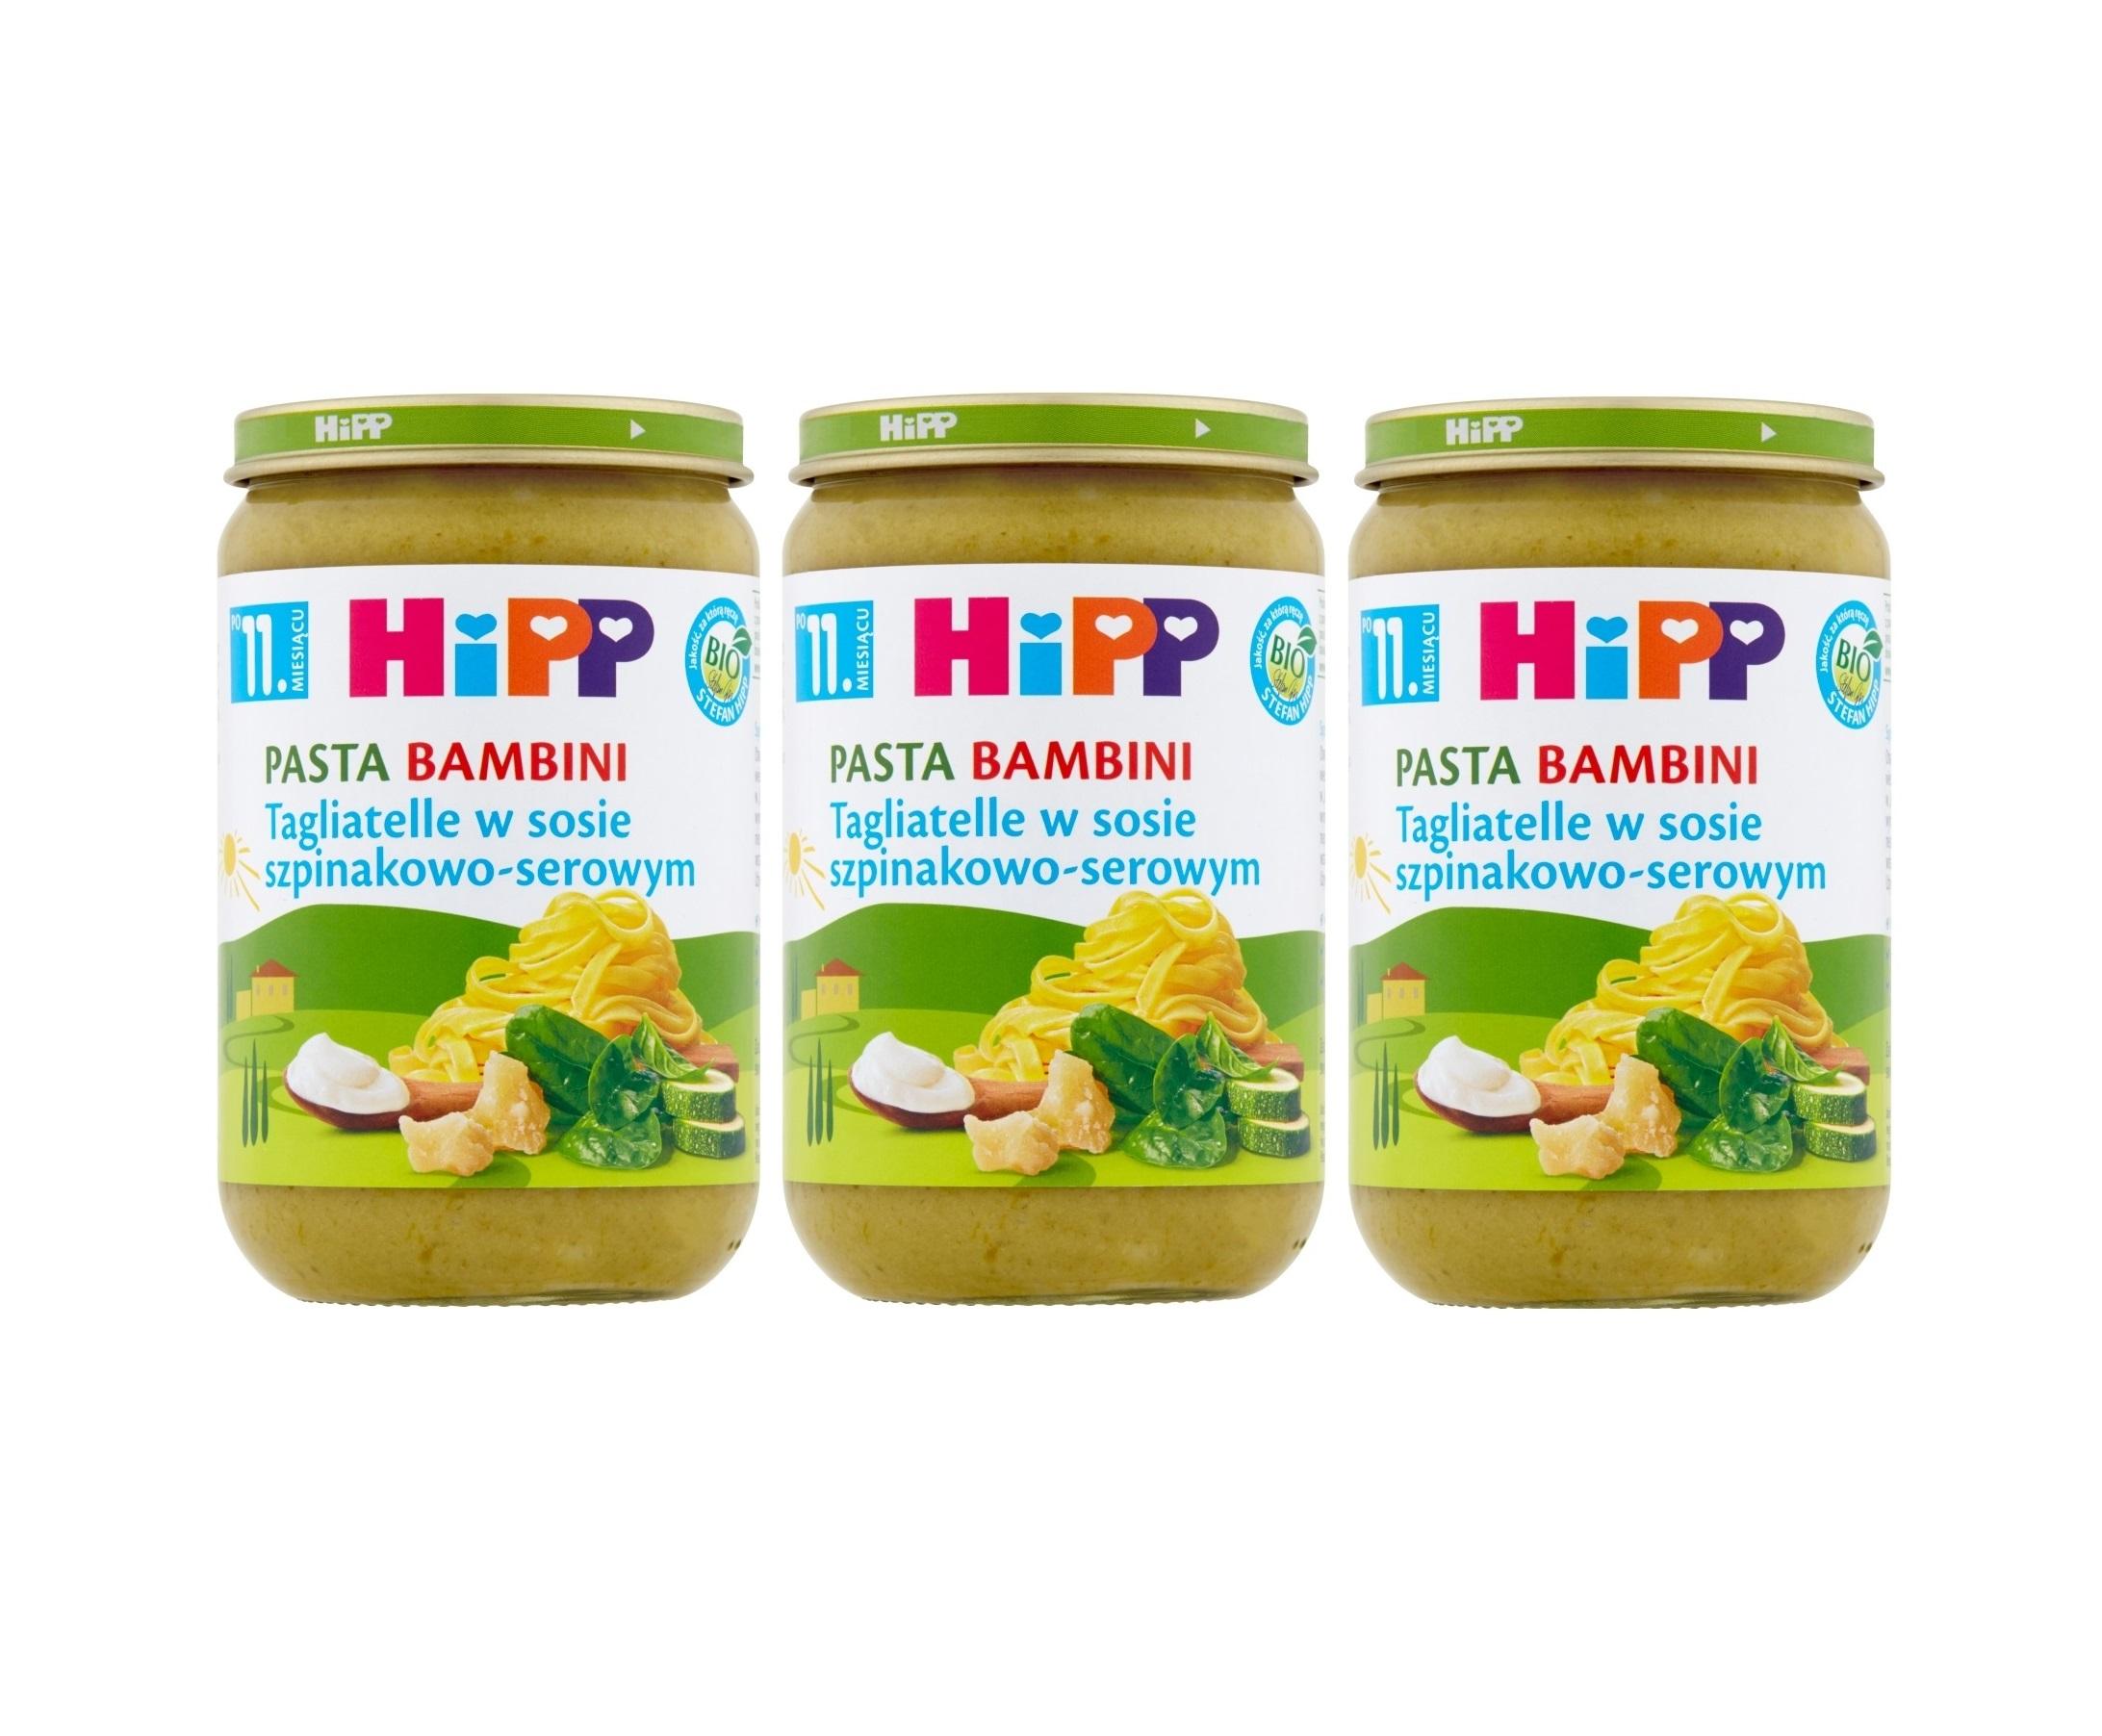 3 pak hipp tagliatelle w sosie szpinakowo-serowym 220g